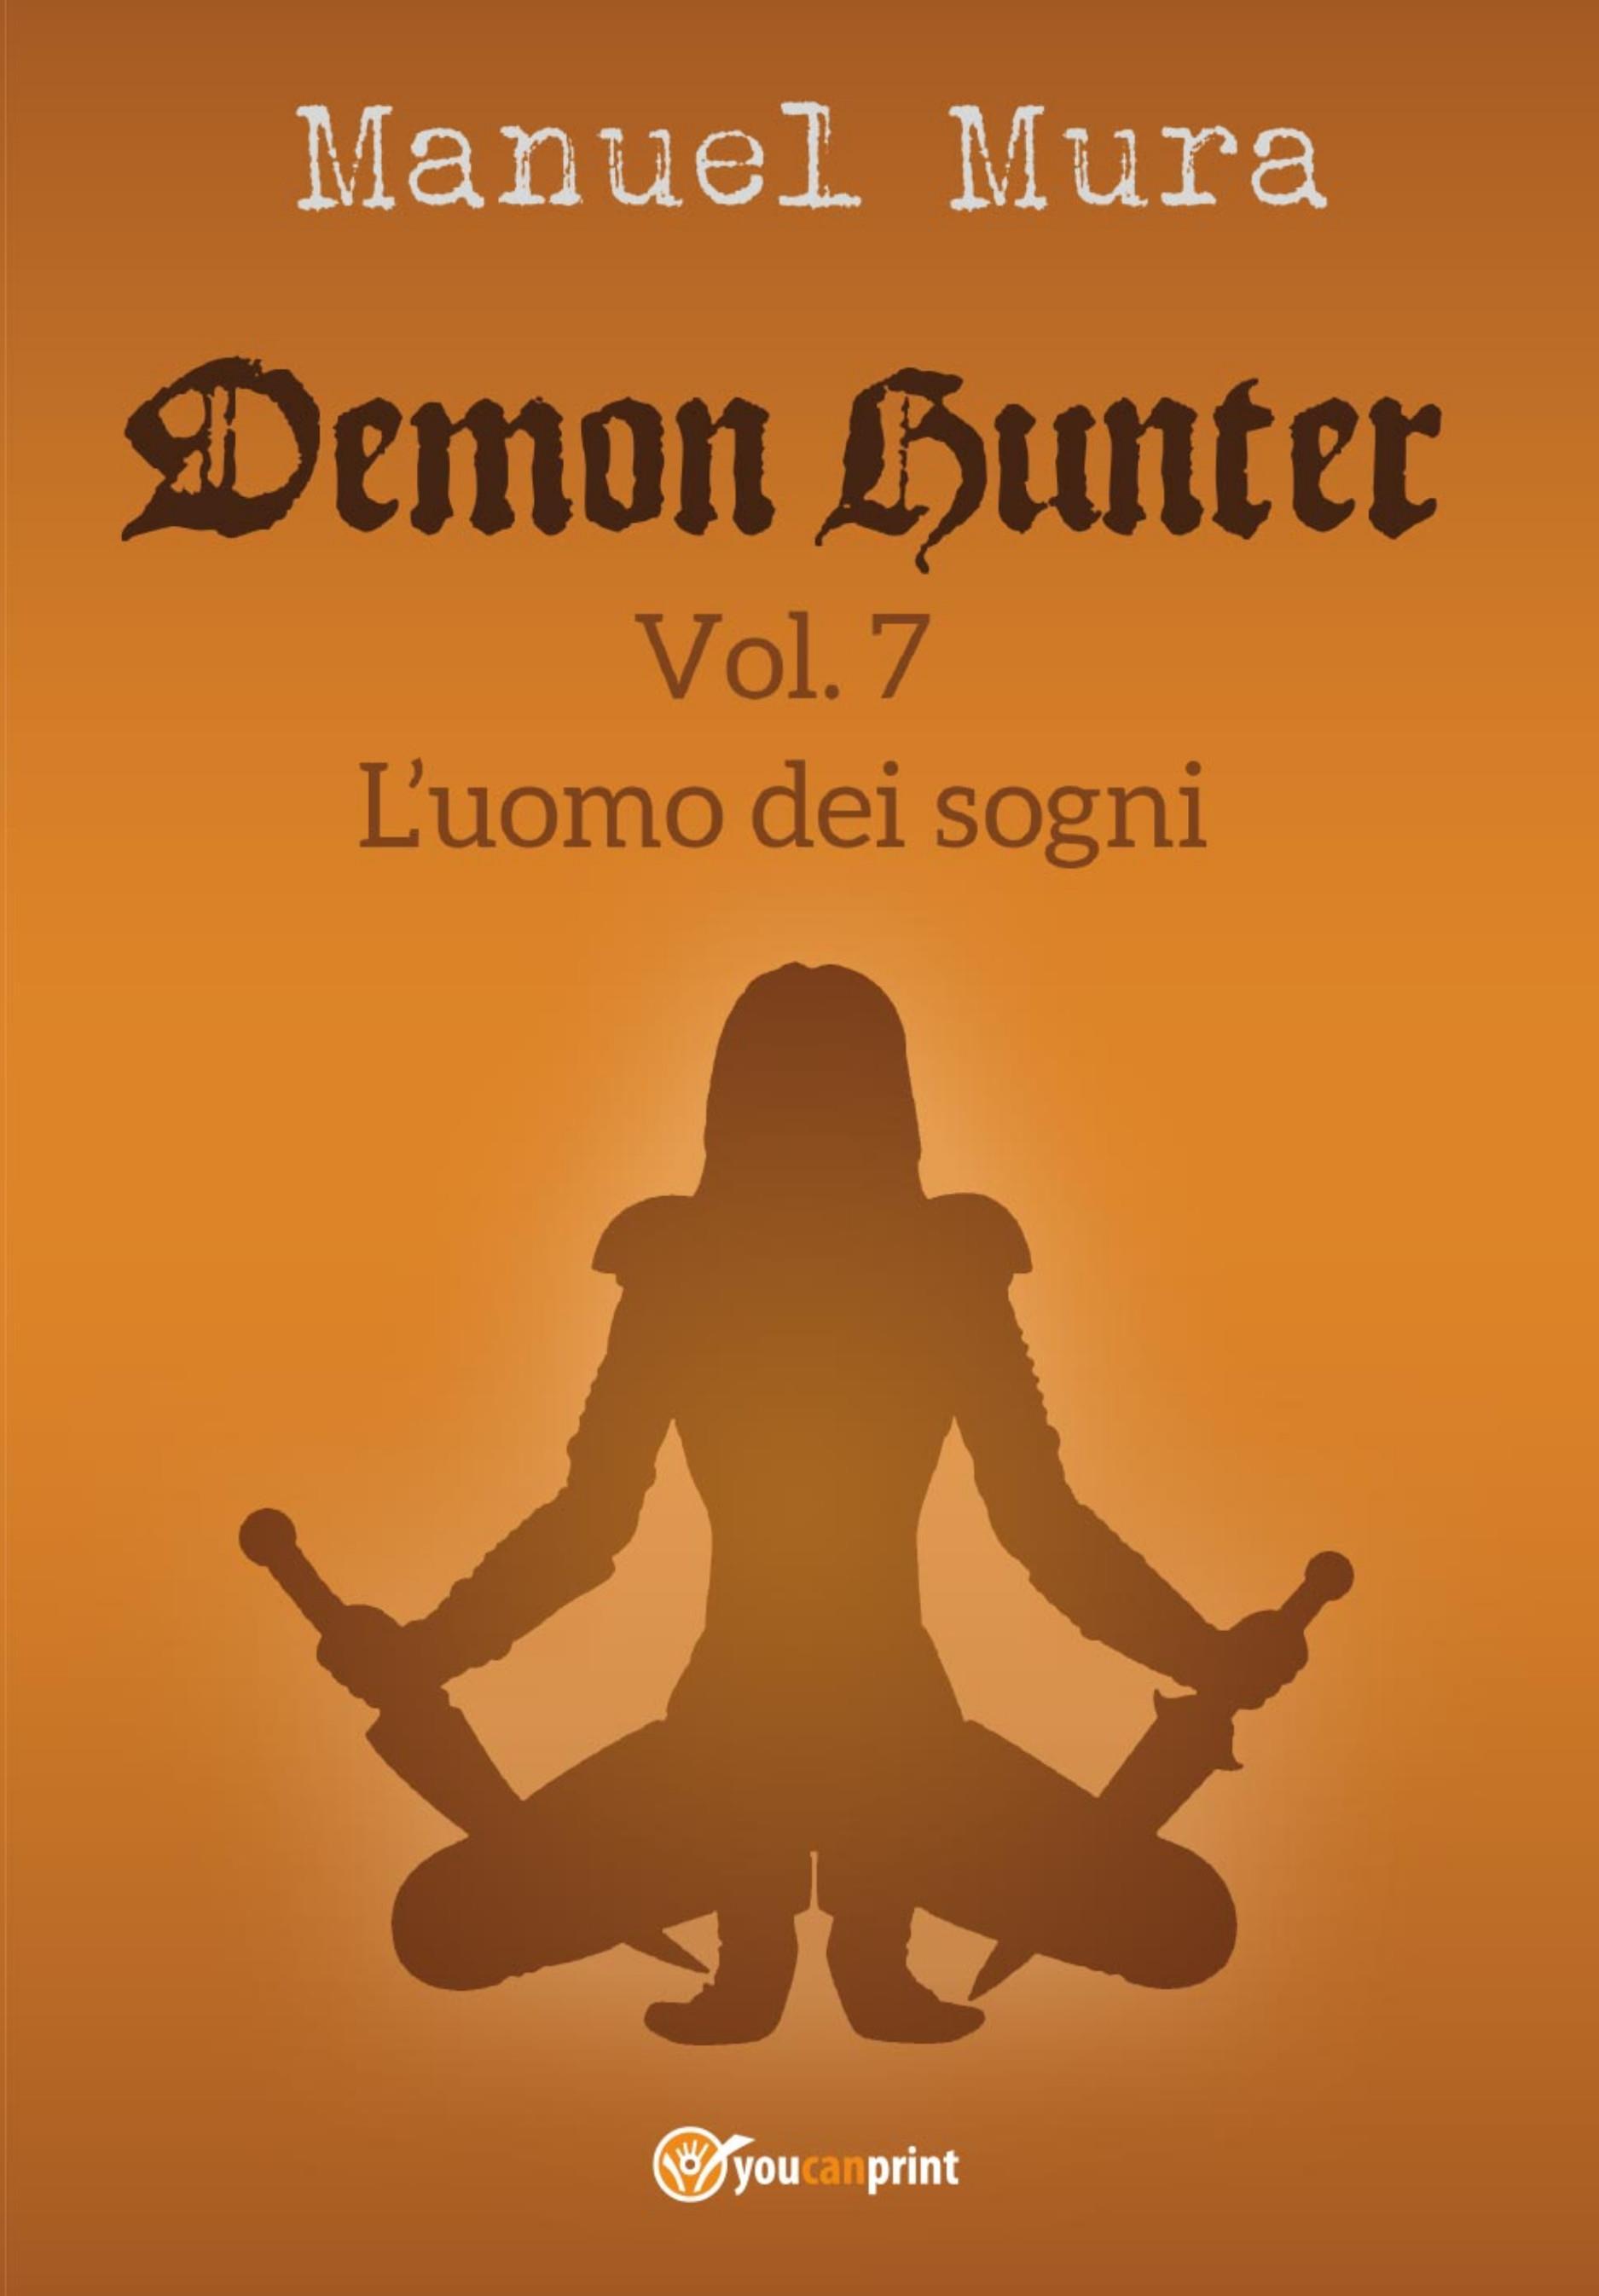 Demon Hunter vol. 7 - L'uomo dei sogni